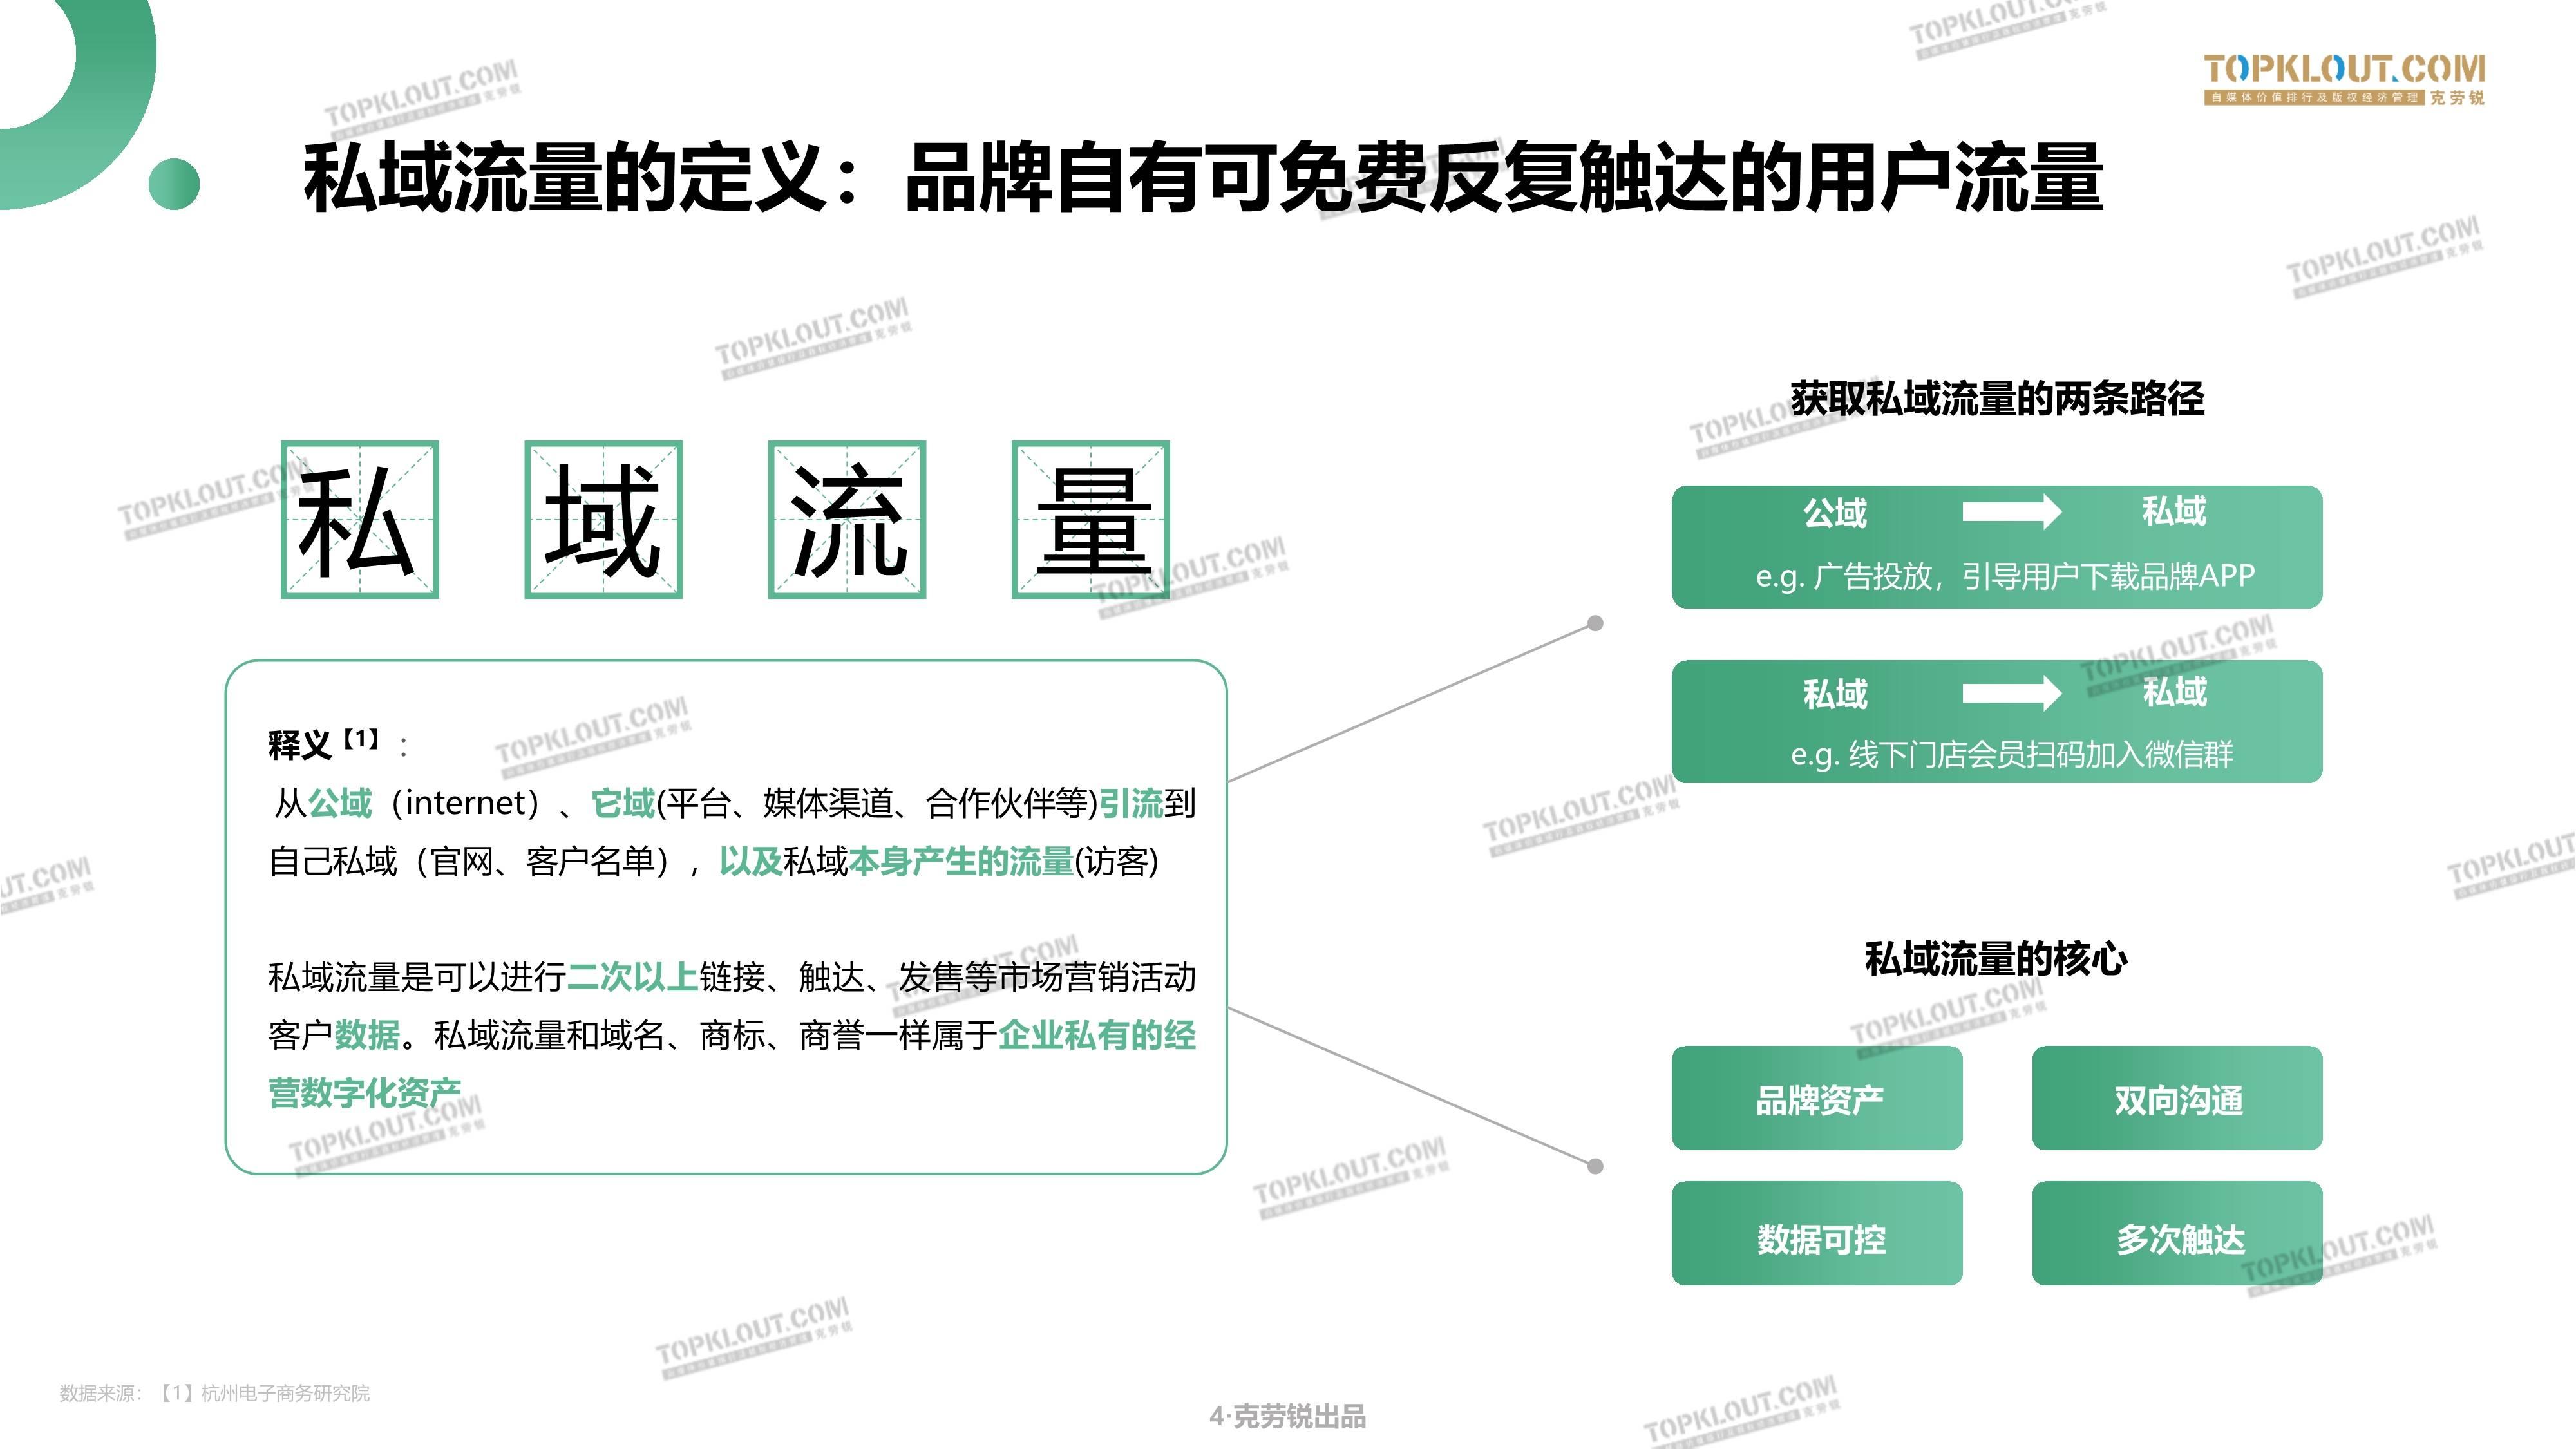 克劳瑞:微信生态下的营销洞察,广西红客